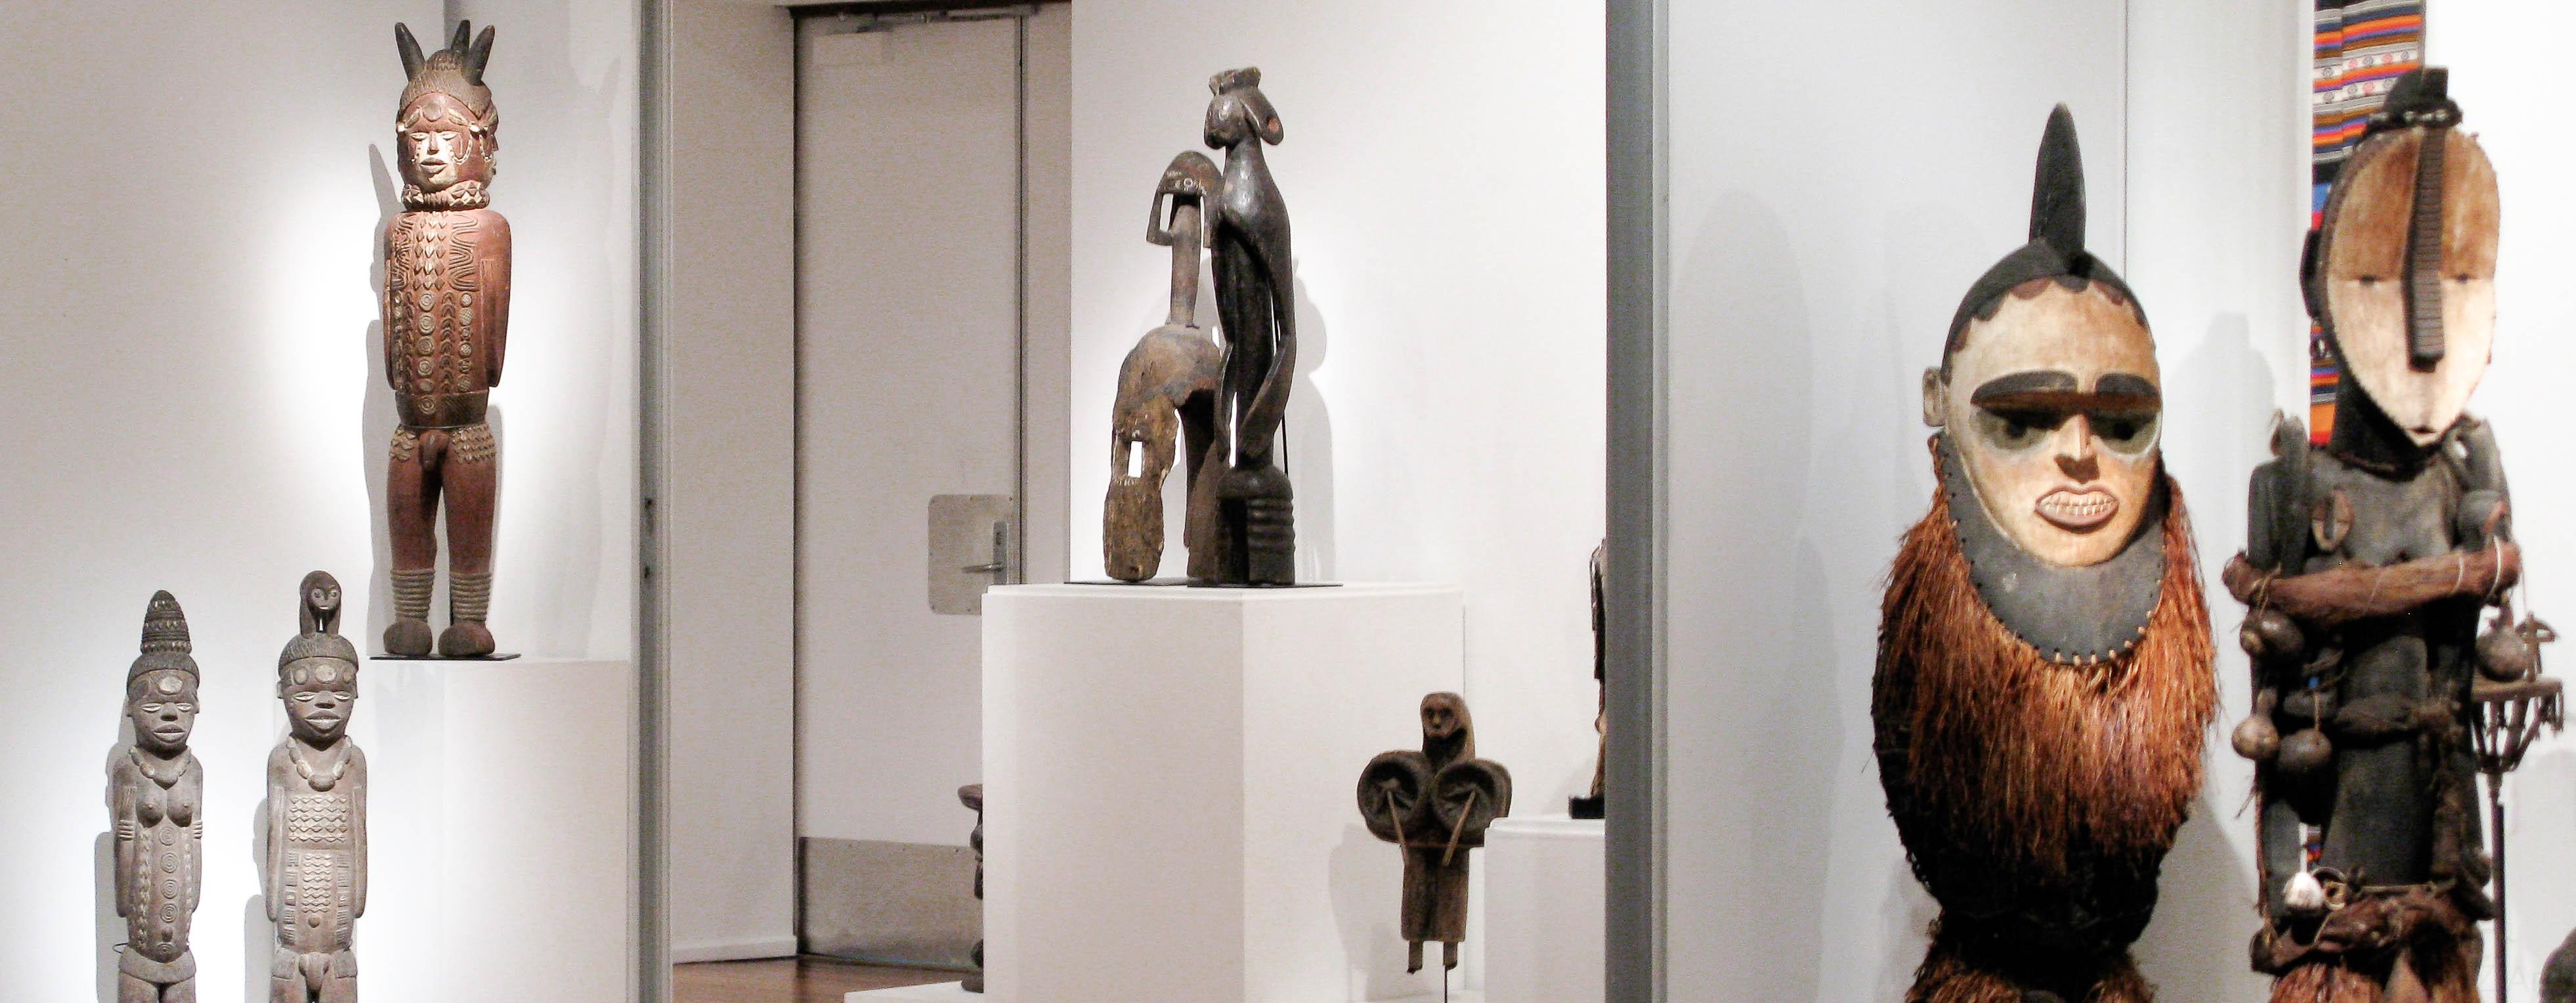 Des statues africaines Kuyu du Congo, des objets d'art Mumuye au Nigéria dont une statue Lagalagana et un maque d'épaule Sukwava ou Karim dans une galerie d'art africain traditionnel